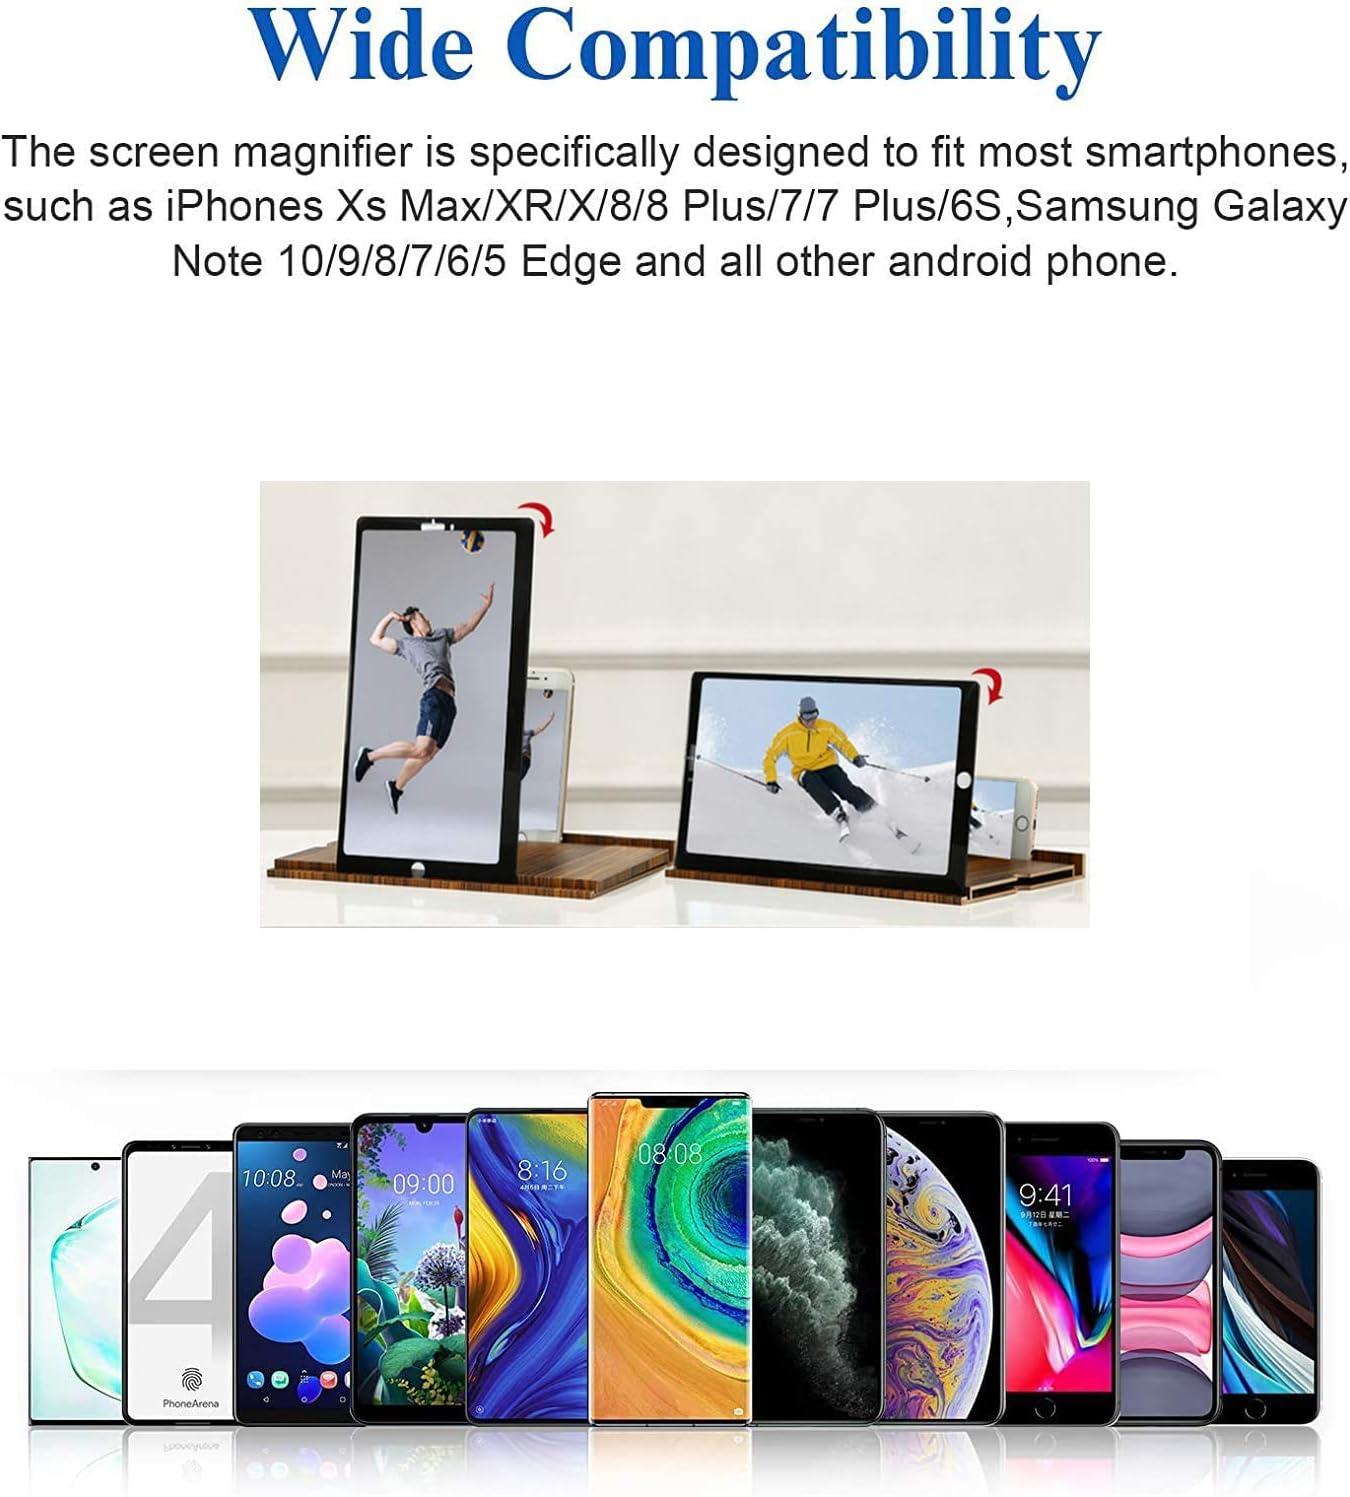 Soporte Ampliador pantalla de tel/éfono m/óvil plegable de grano de madera s/ólida En 3D,adecuada de Pantalla Ver Videos de pel/ículas en Todos los tel/éfonos Inteligentes 12 Lupa de pantalla dorado